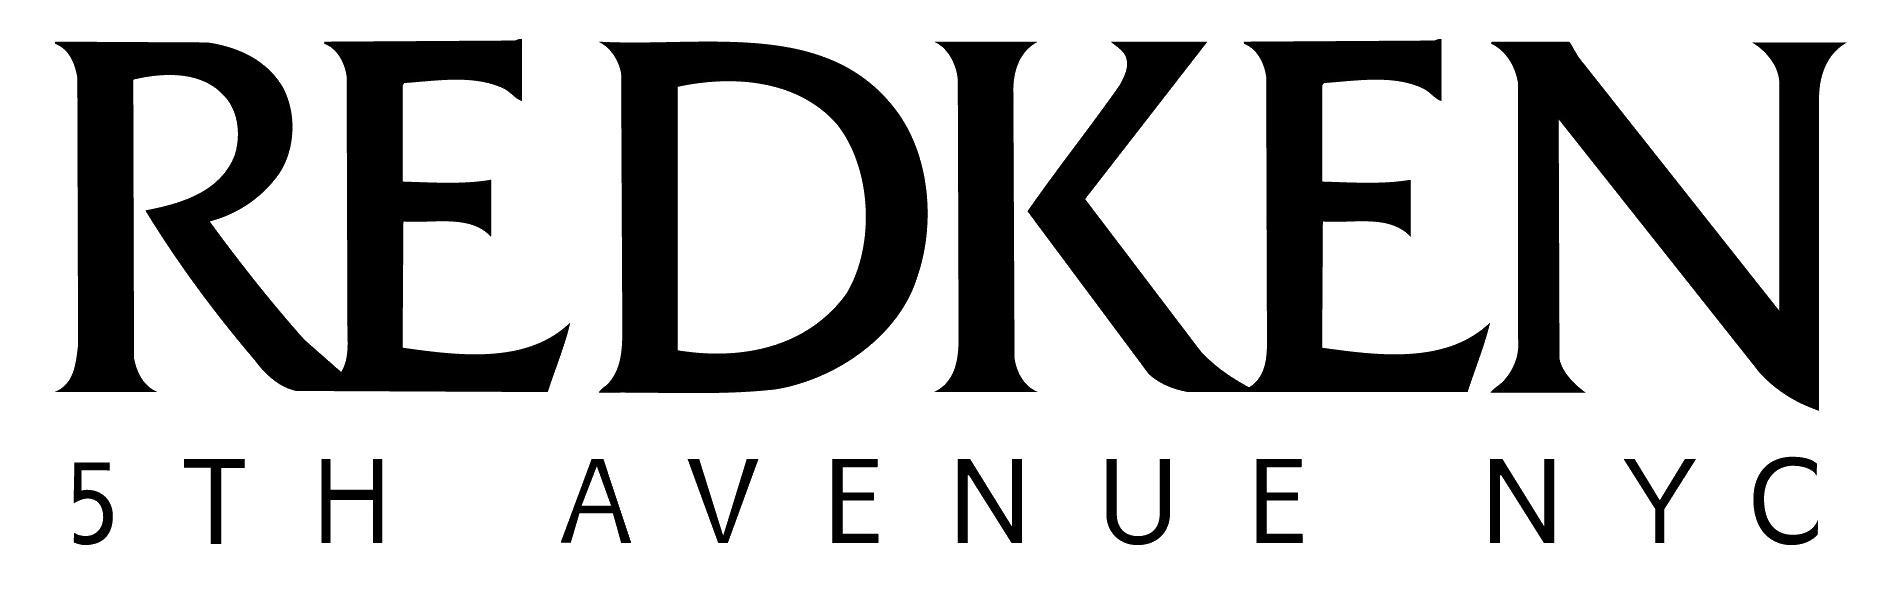 Redken_logo_logotype